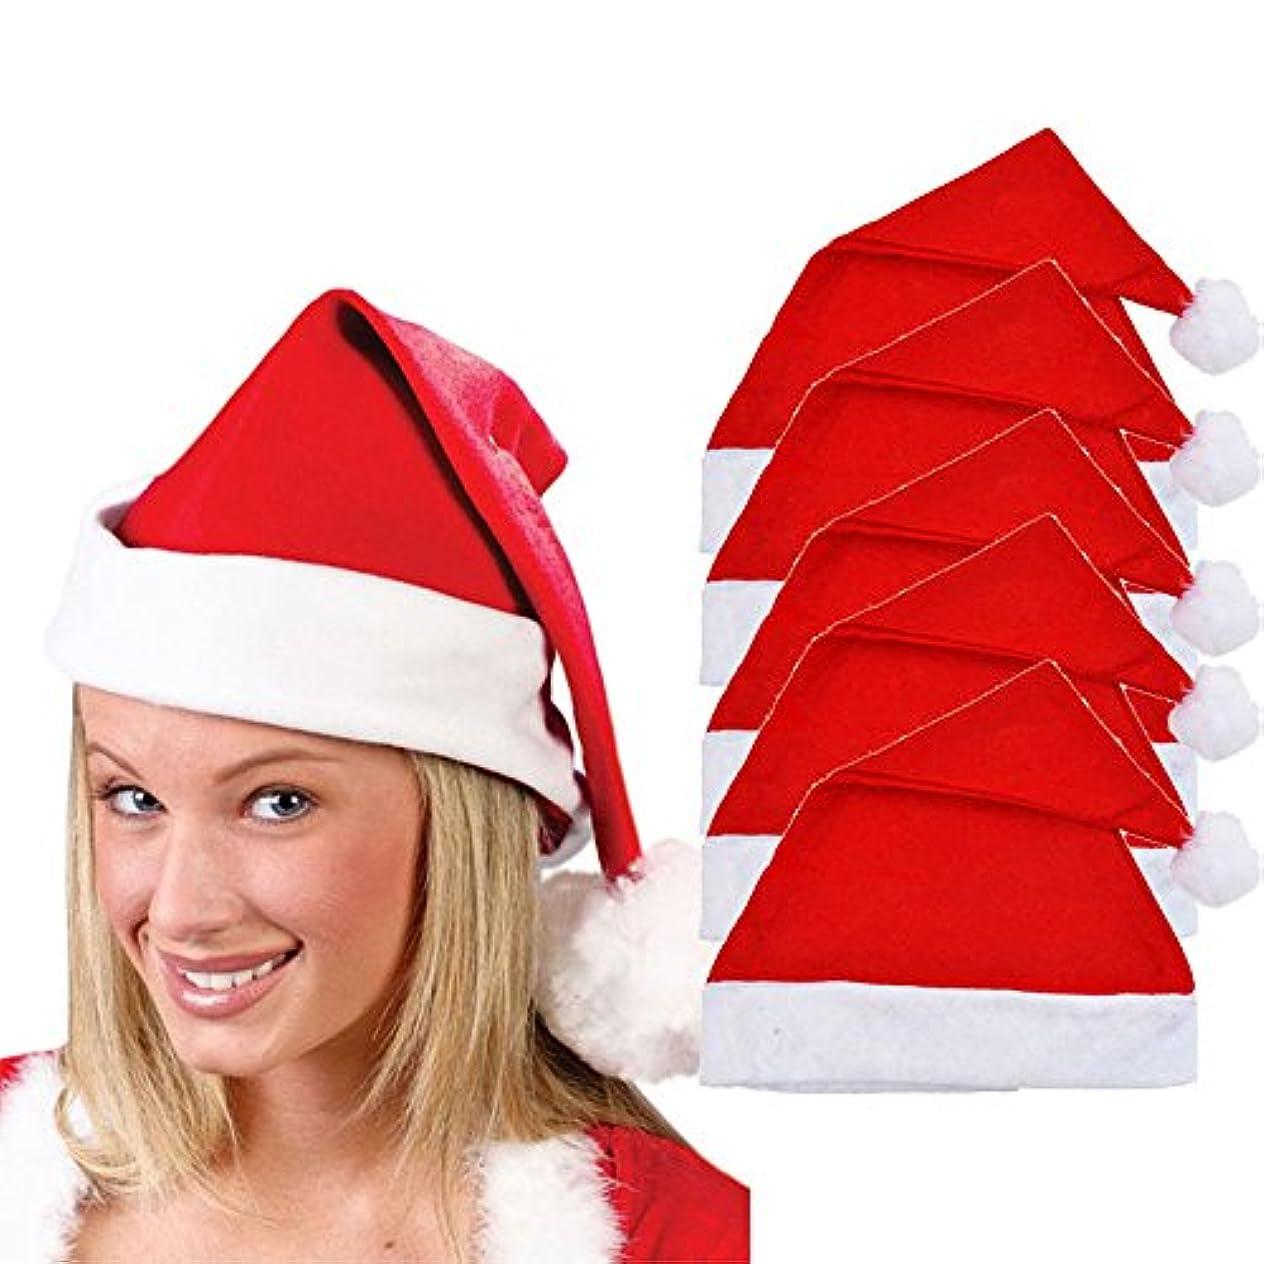 名詞干ばつ権利を与えるRacazing クリスマスハット 5つの レッド Hat ライト ドームキャップ 防寒対策 通気性のある 防風 ニット帽 暖かい 軽量 屋外 スキー 自転車 クリスマス 男女兼用 Christmas Cap